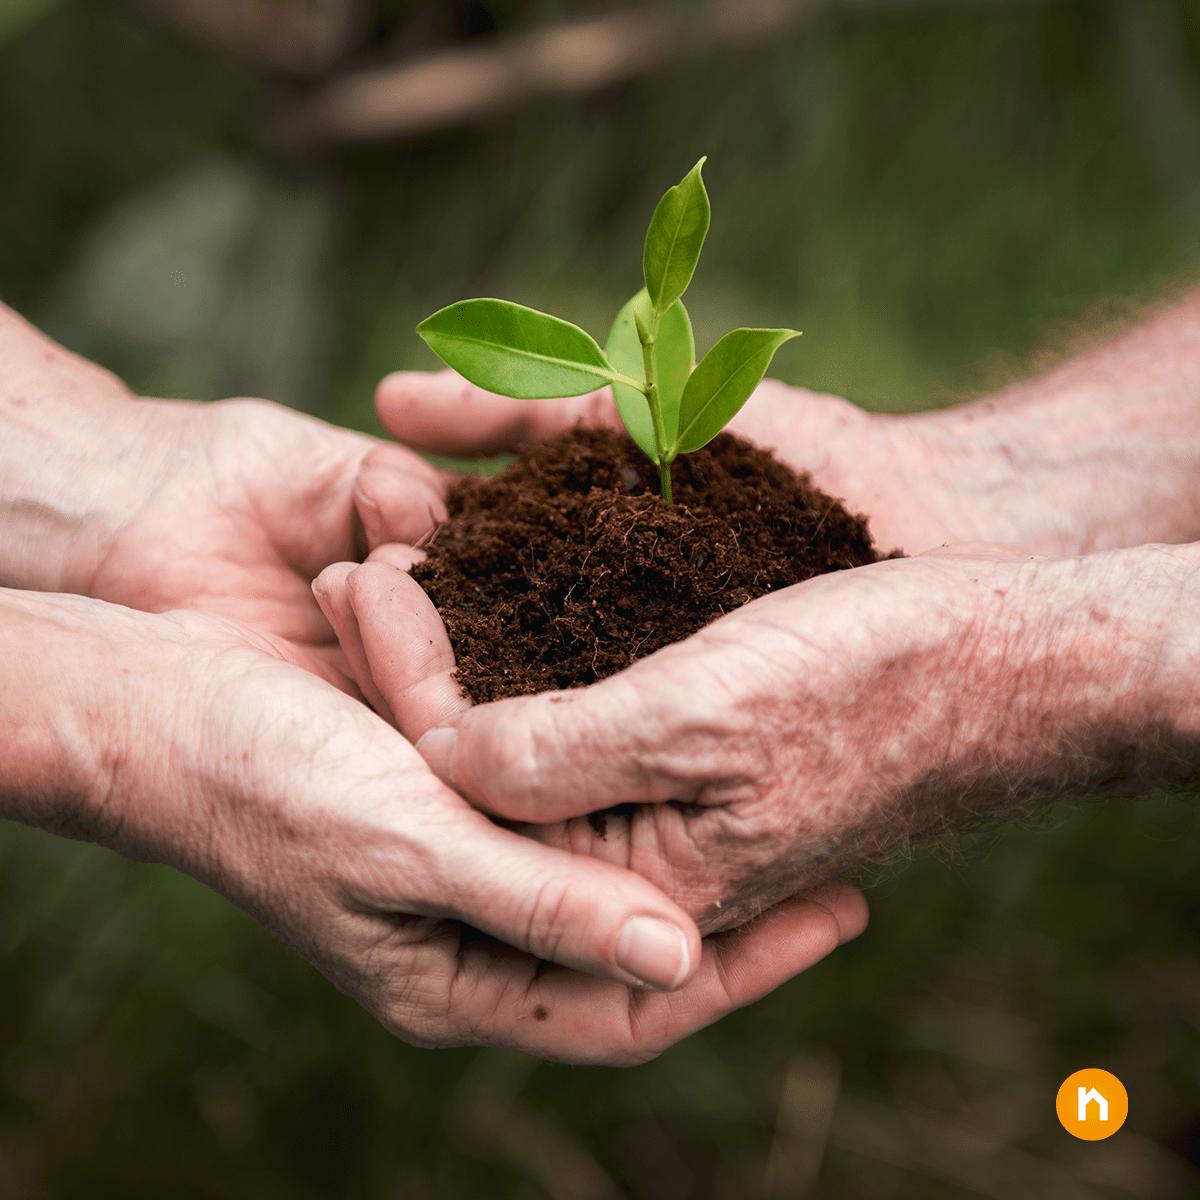 Nachhaltiges und sozial verantwortliches Investieren – ein Megatrend